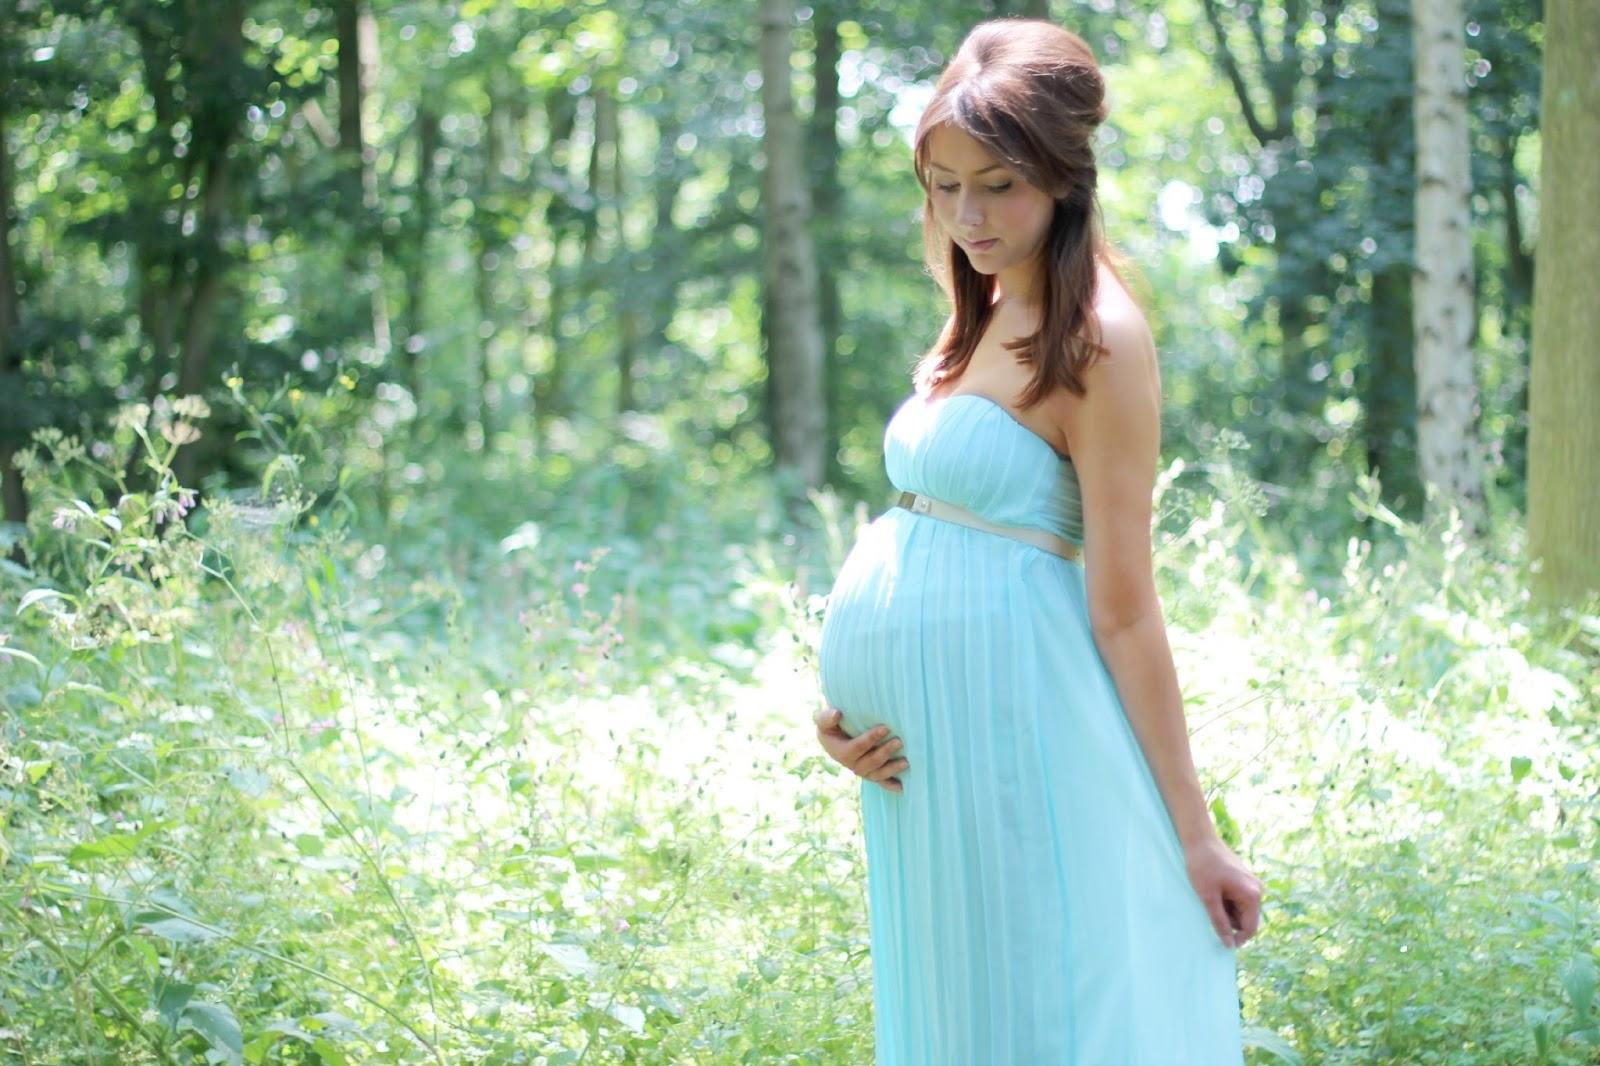 Outdoor+Family+Photo+Shoot+Ideas Outdoor Maternity Photo Shoot Ideas ...